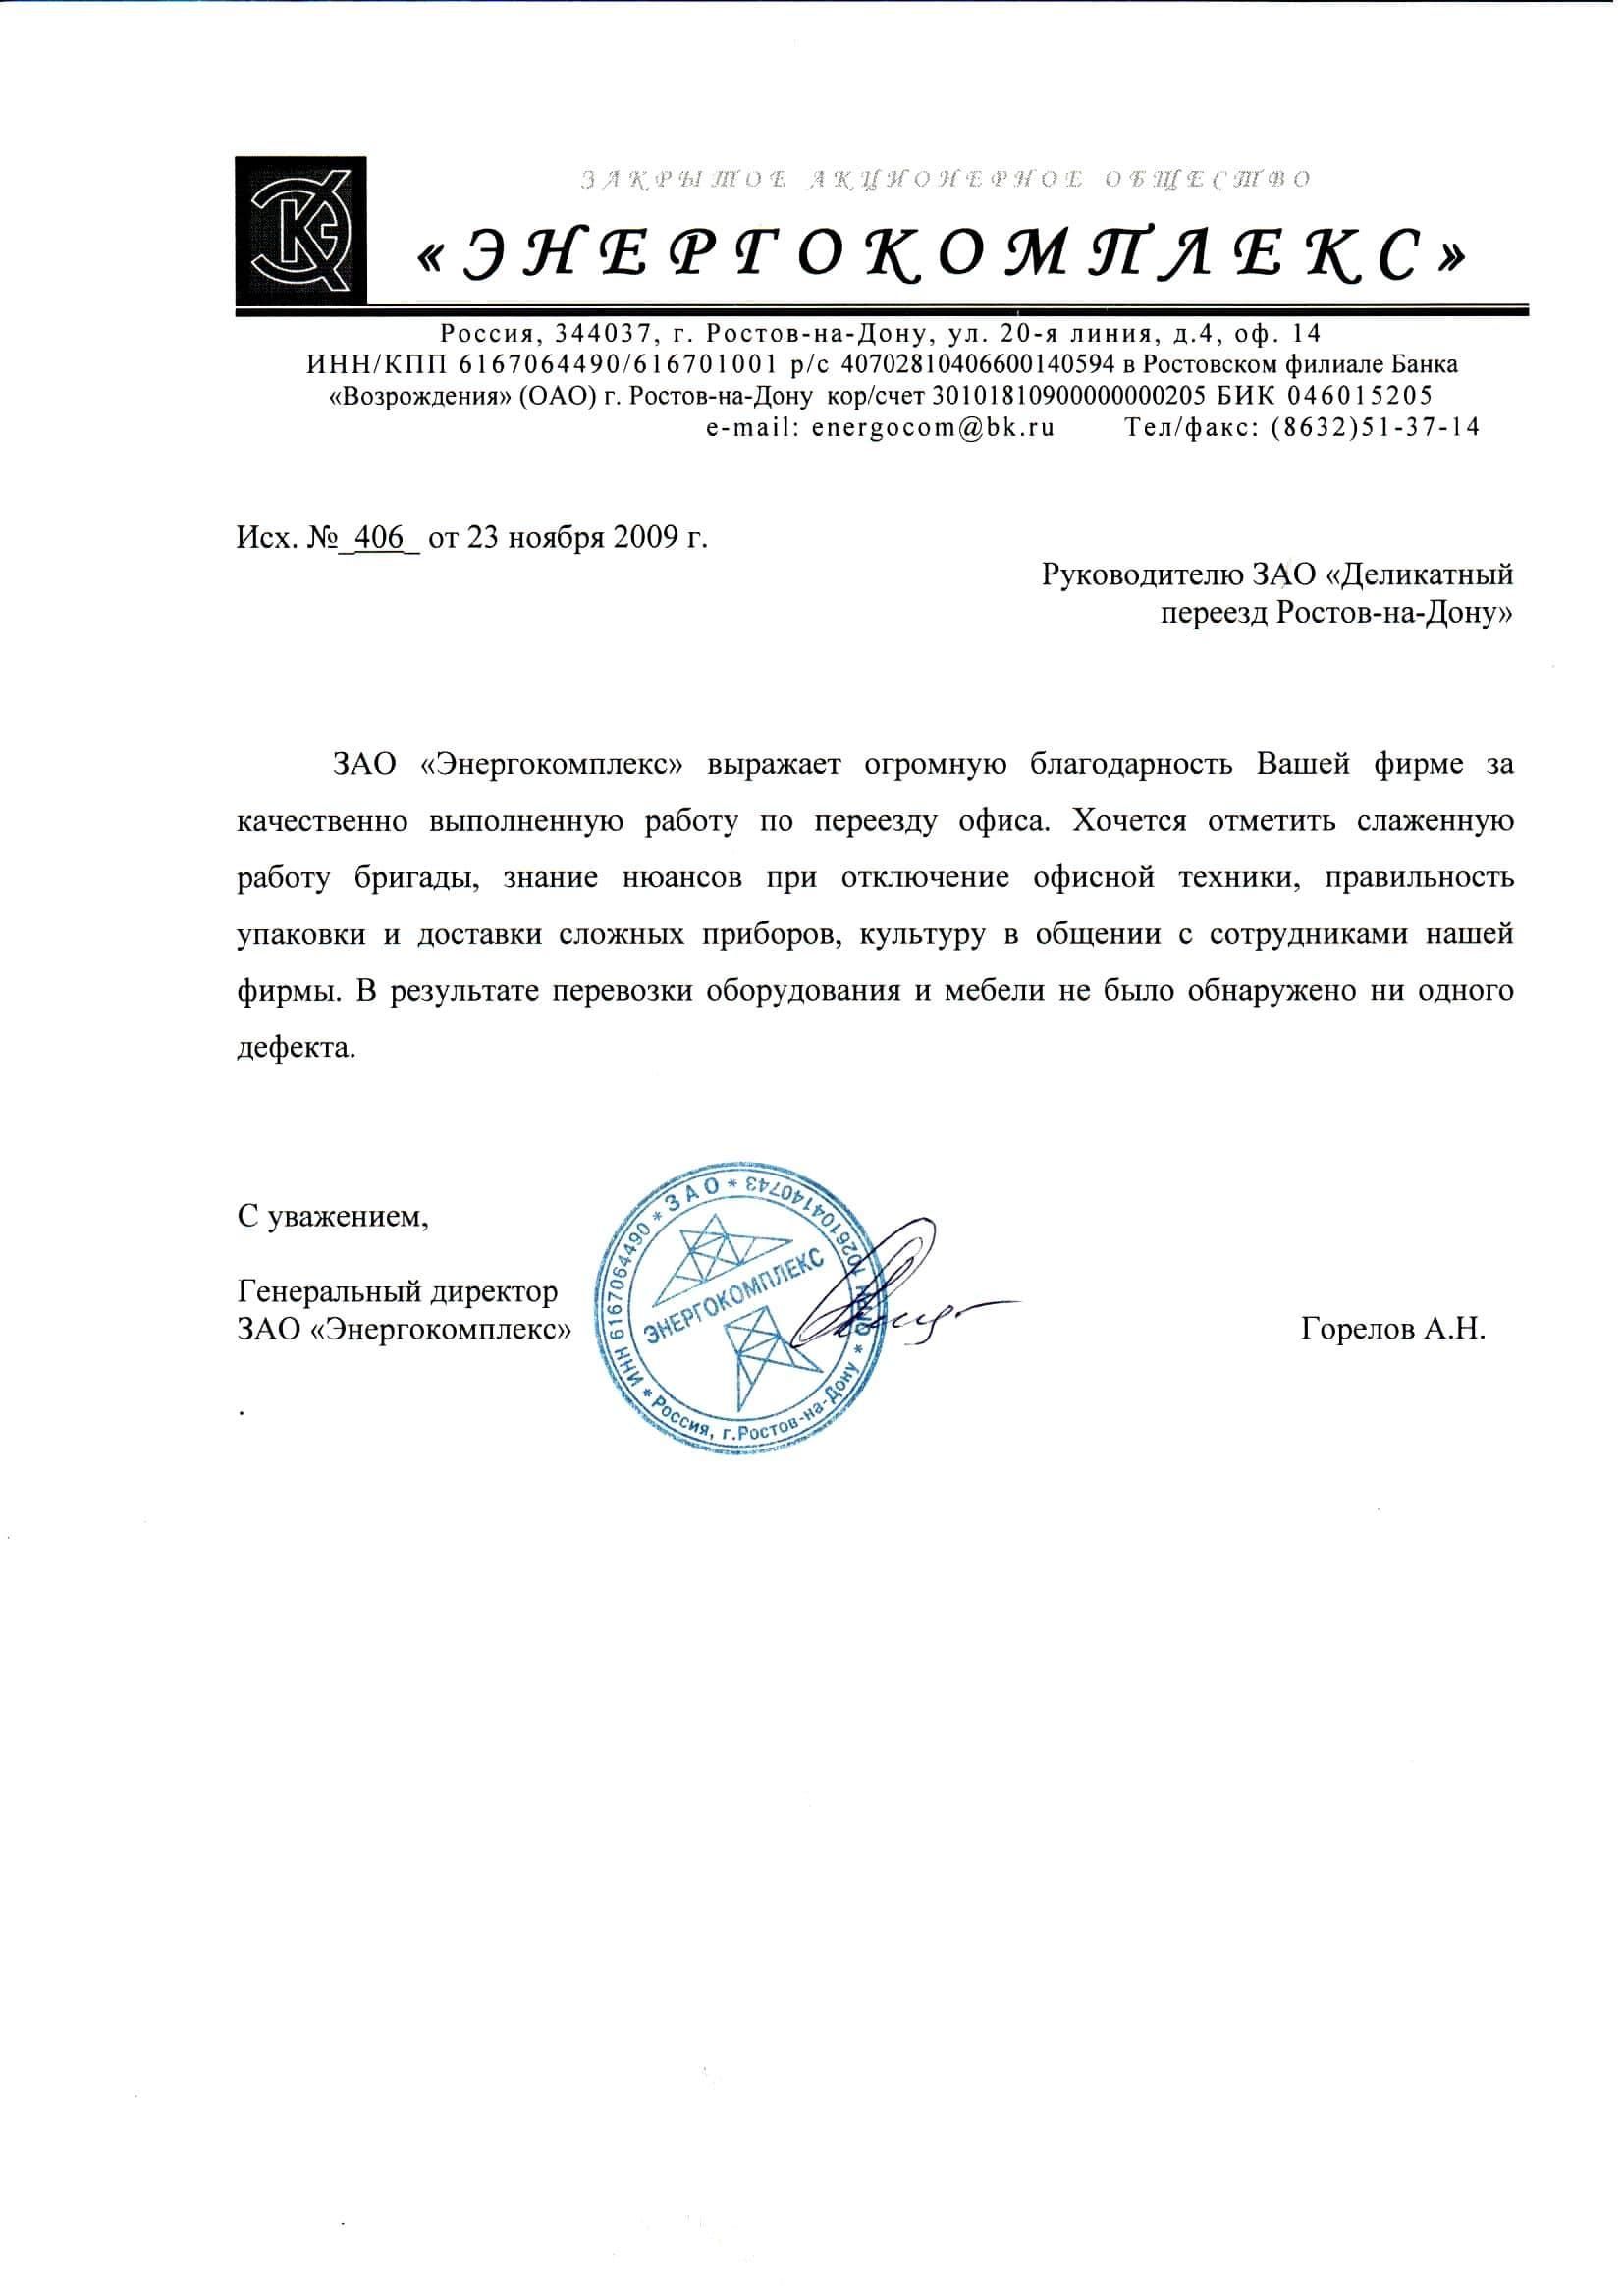 Благодарственное письмо от ЗАО Энергокомплекс